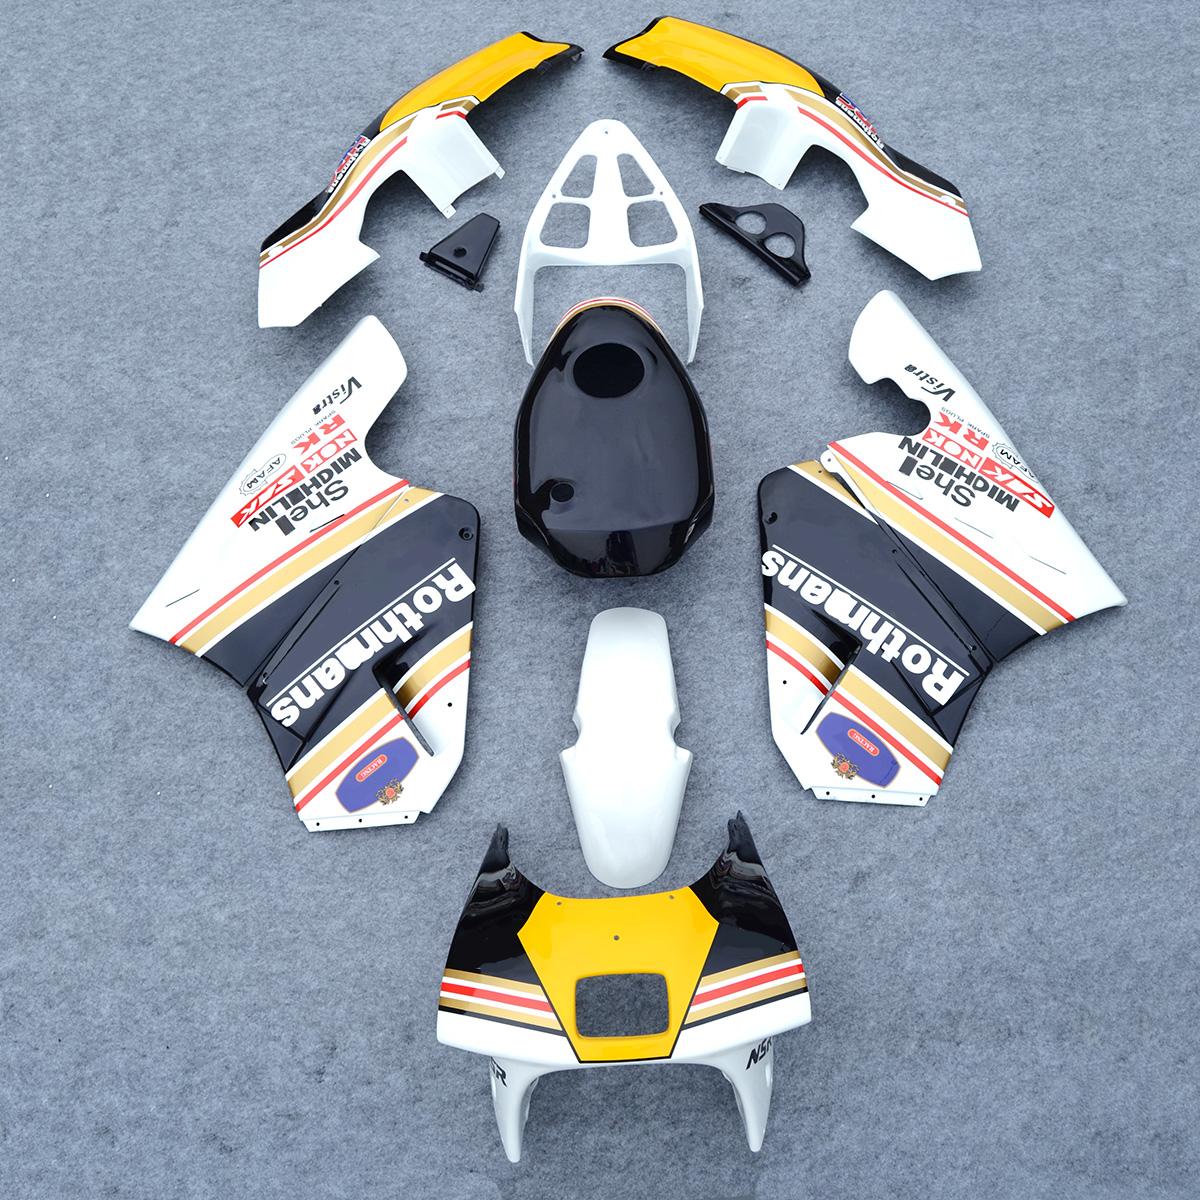 Motorcycle Fairing Bodywork Panel Kit Set Fit for Honda NSR250R MC18 1988-1989